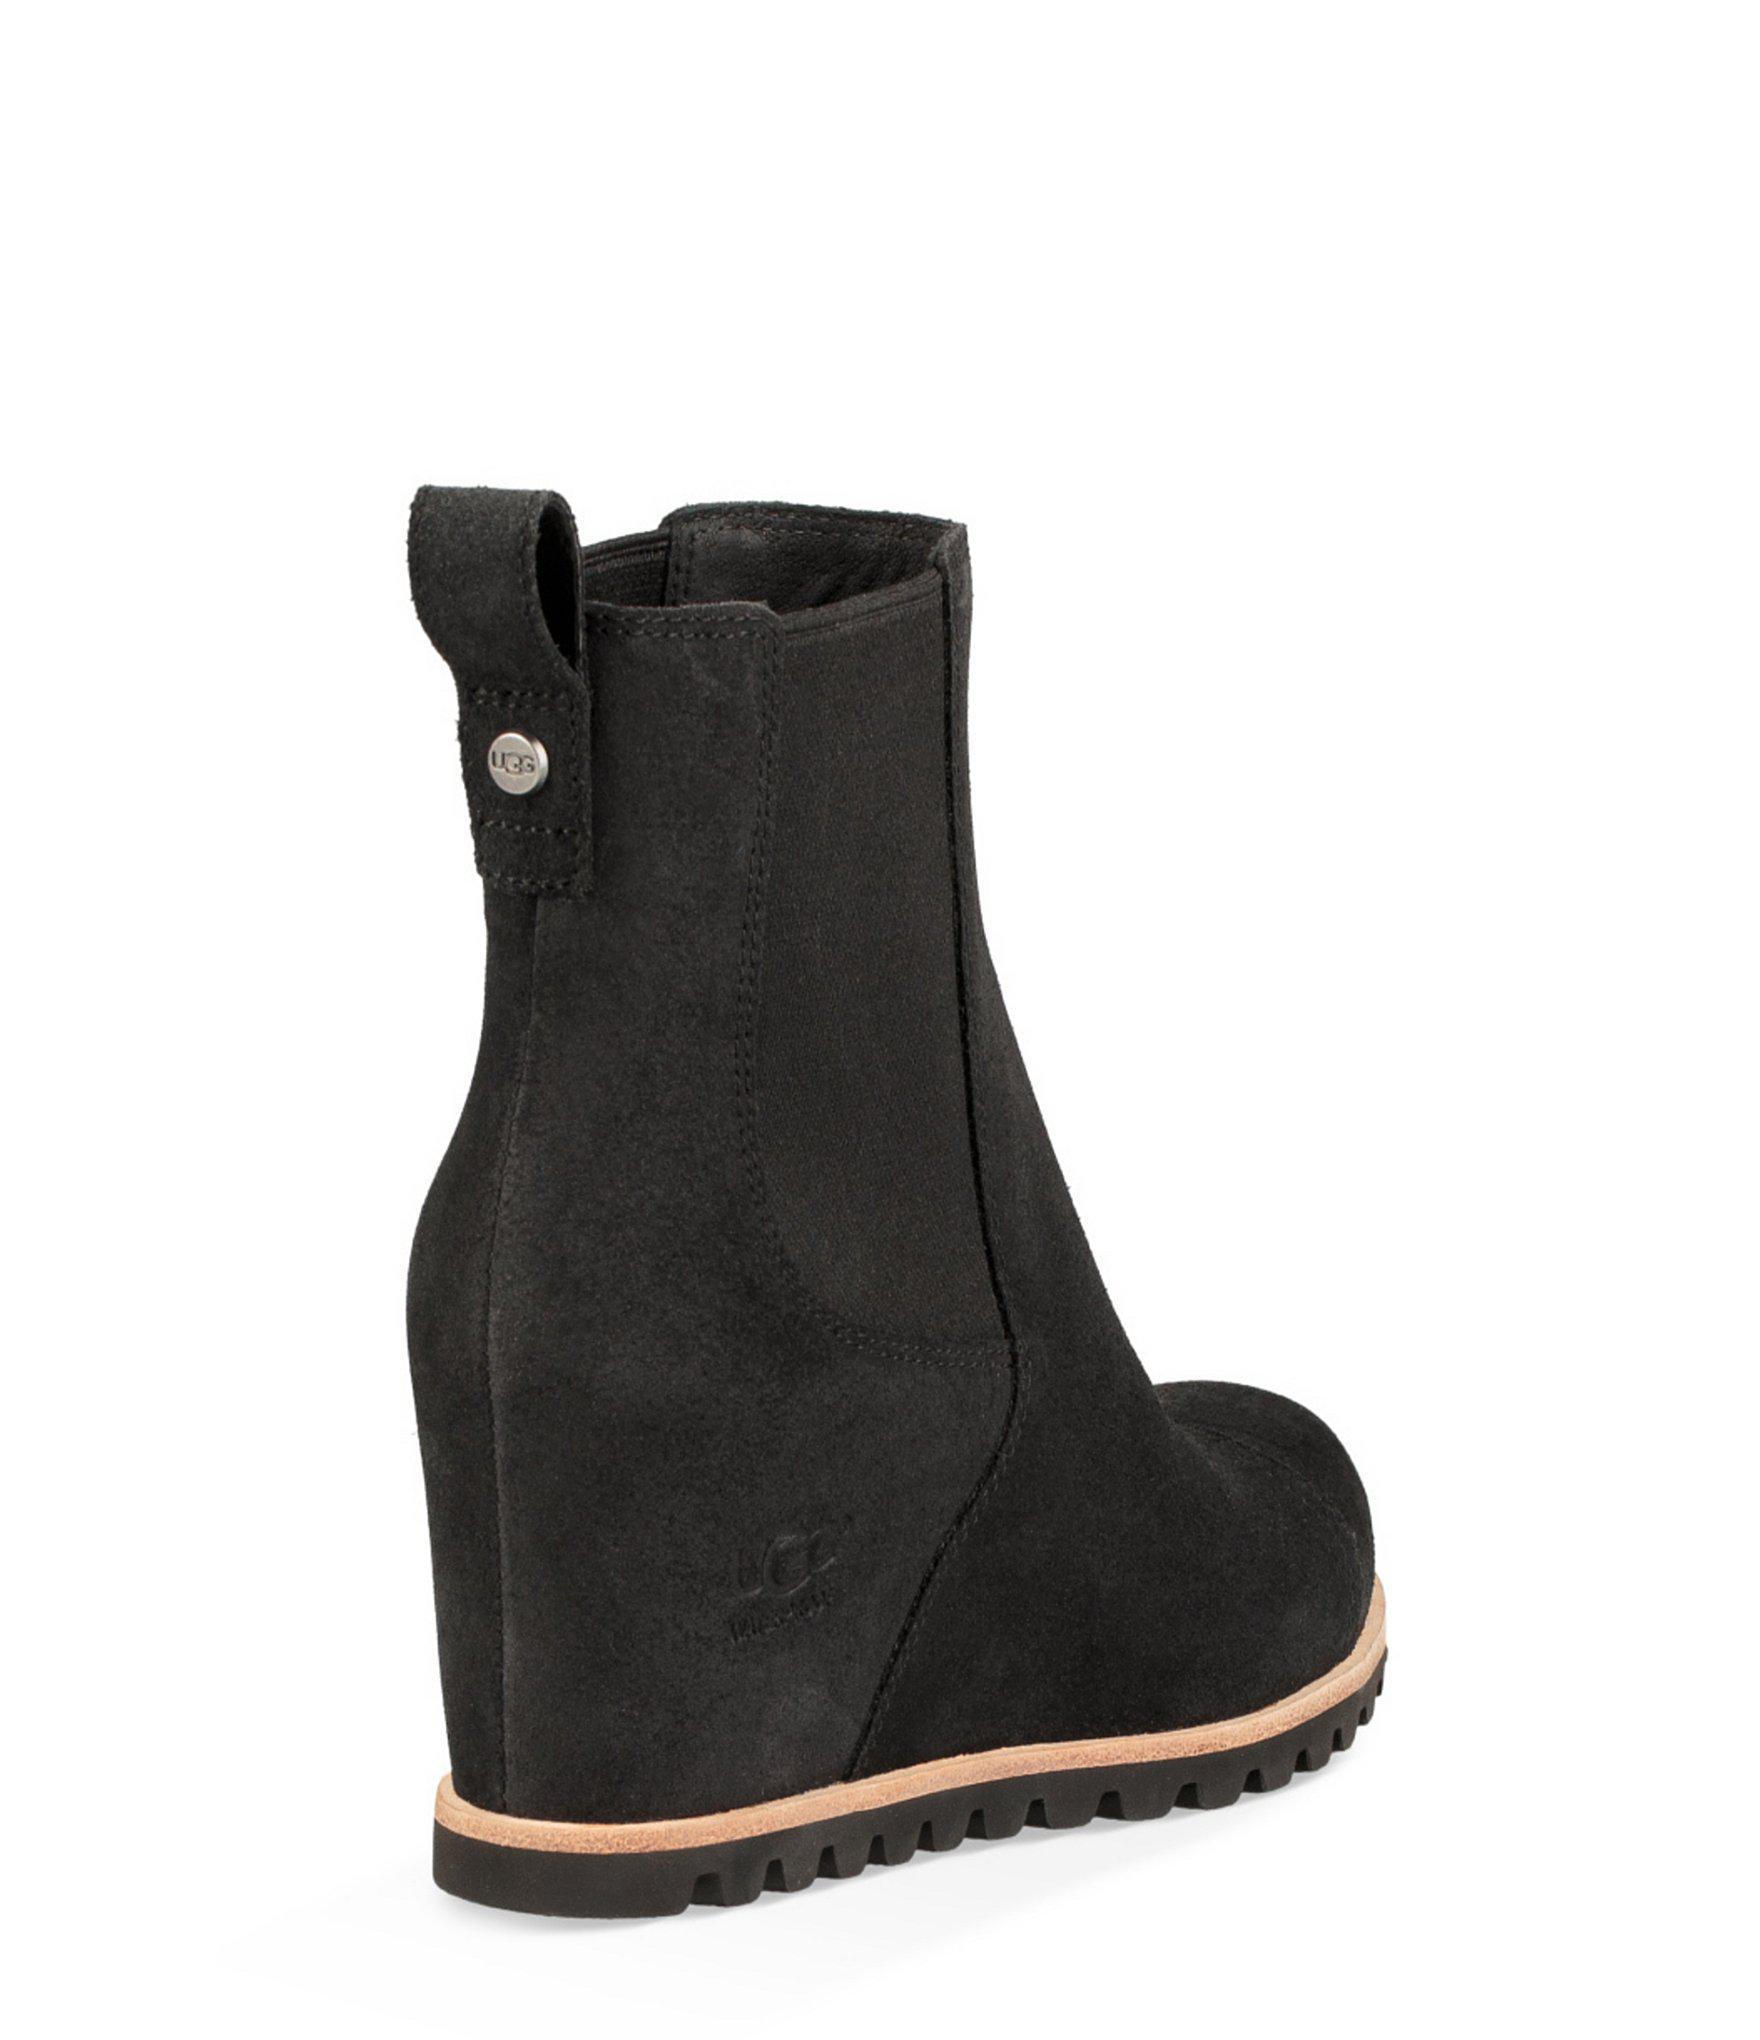 ae3645d80c2 UGG Pax Waterproof Leather Wedge Booties in Black - Lyst